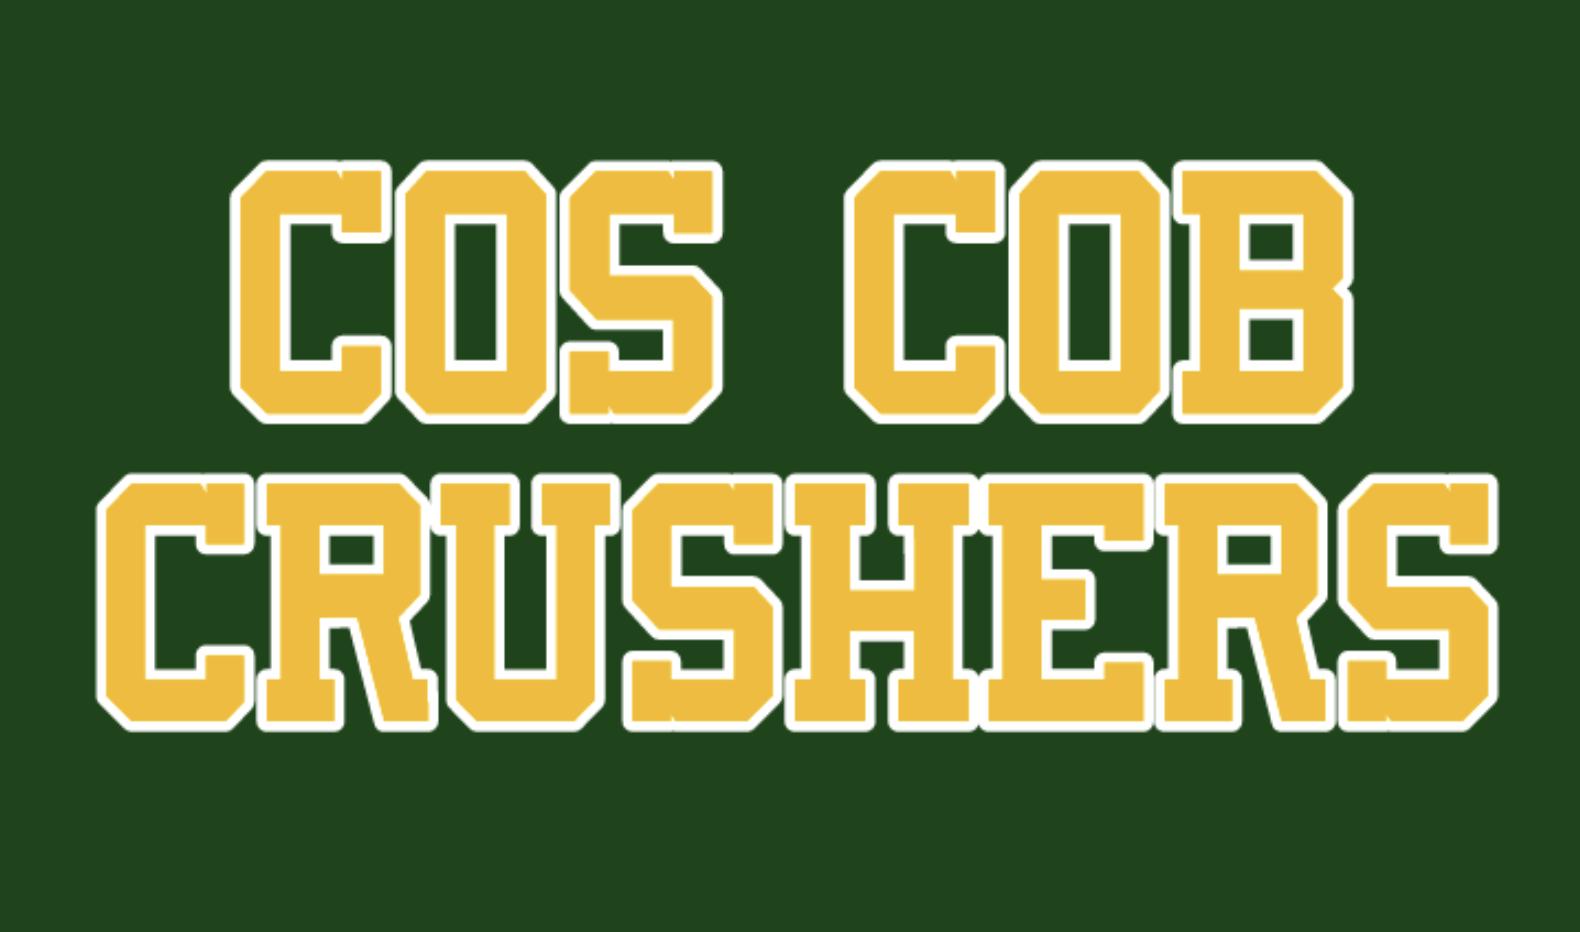 Cos Cob Crushers